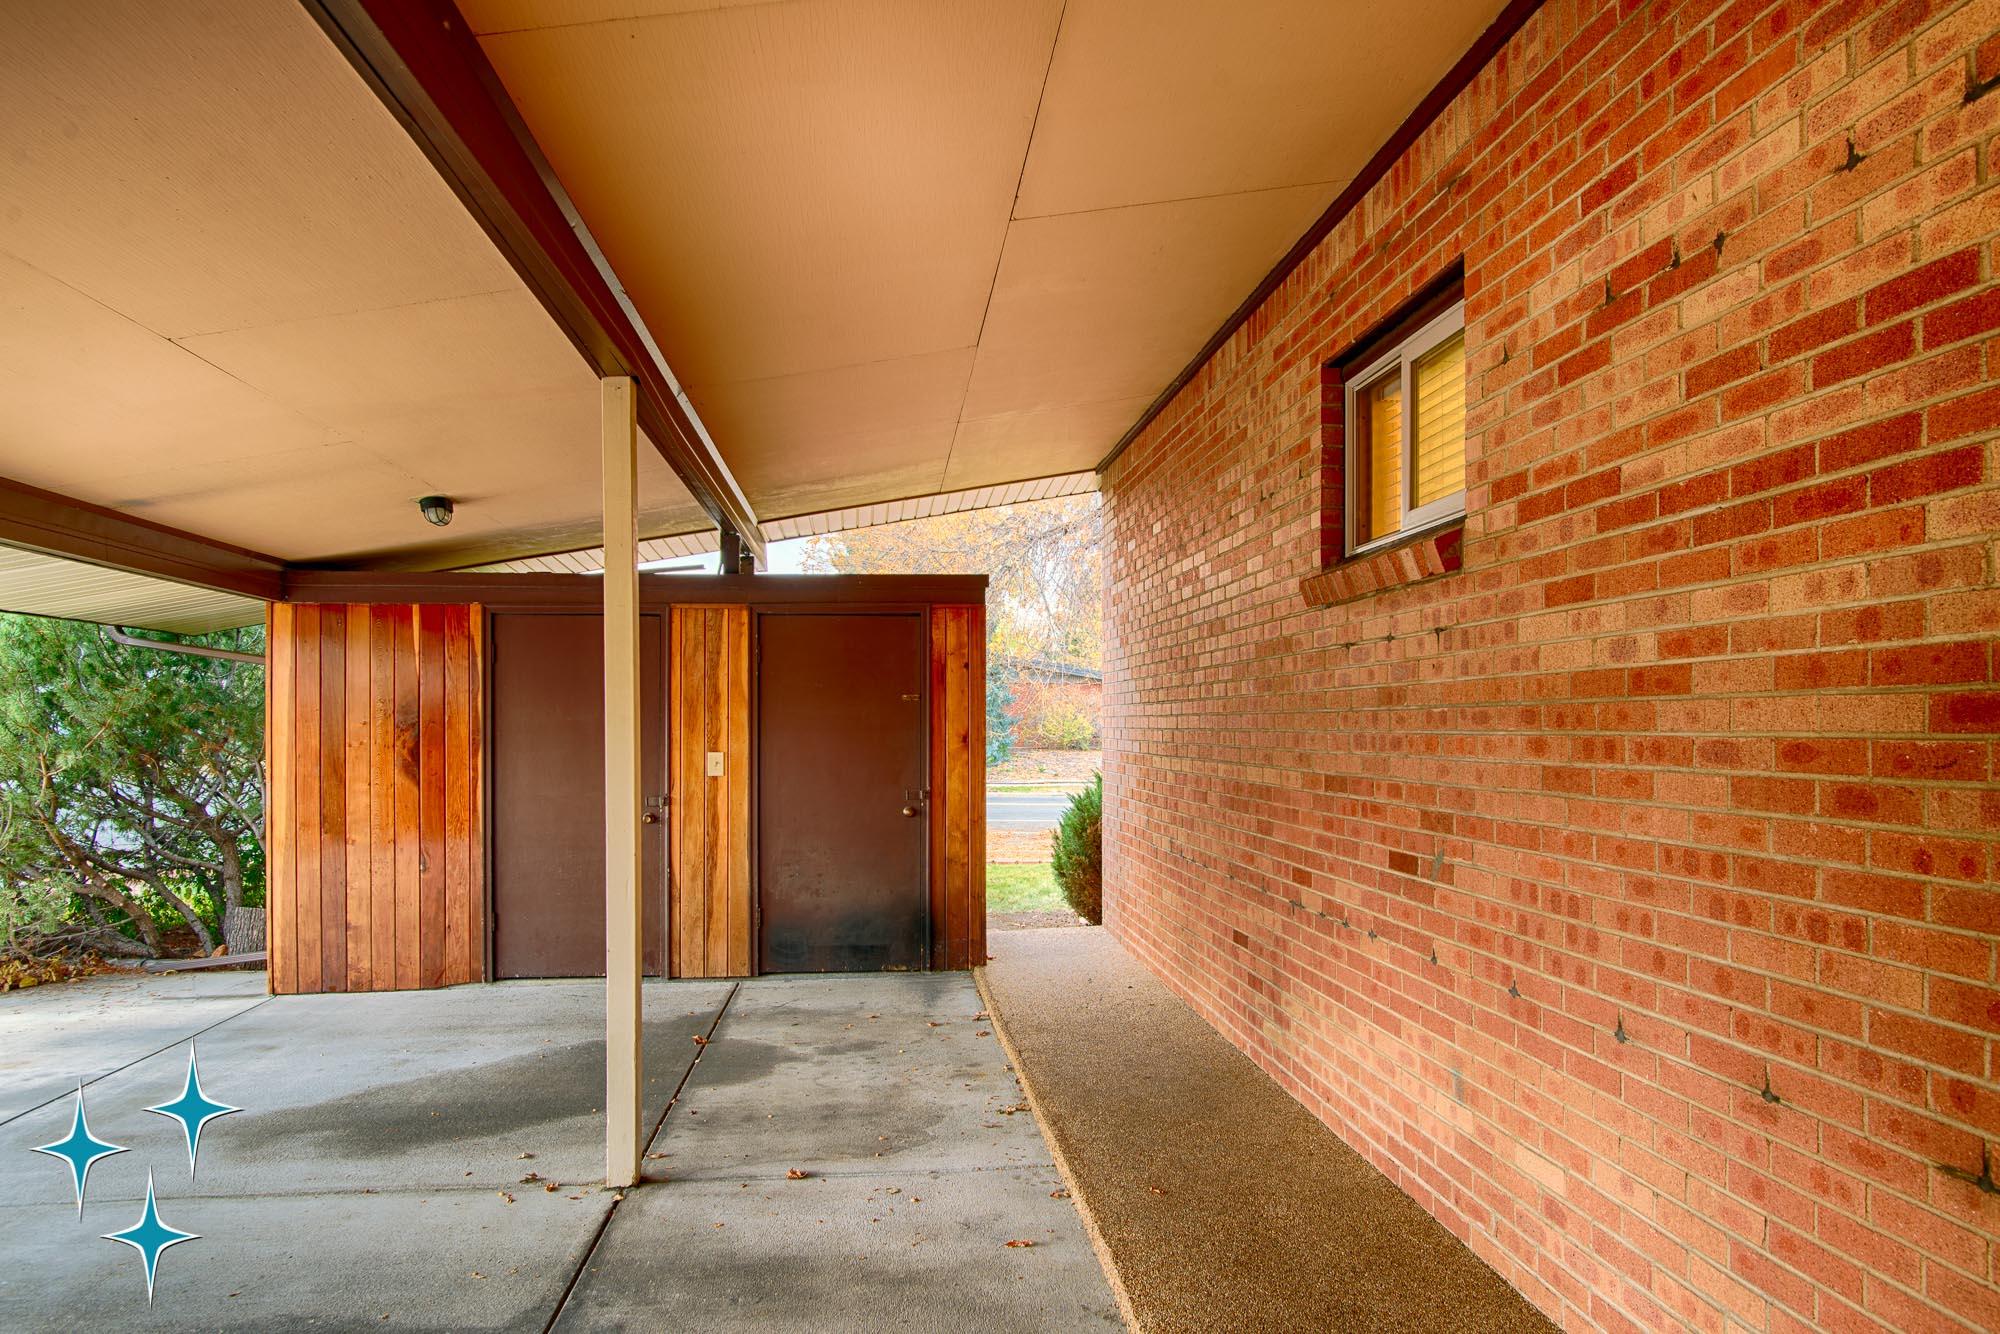 Adrian-Kinney-4155-W-Iliff-Avenue-Denver-r-Carey-Holiday-Home-2000w50-3SWM-5.jpg